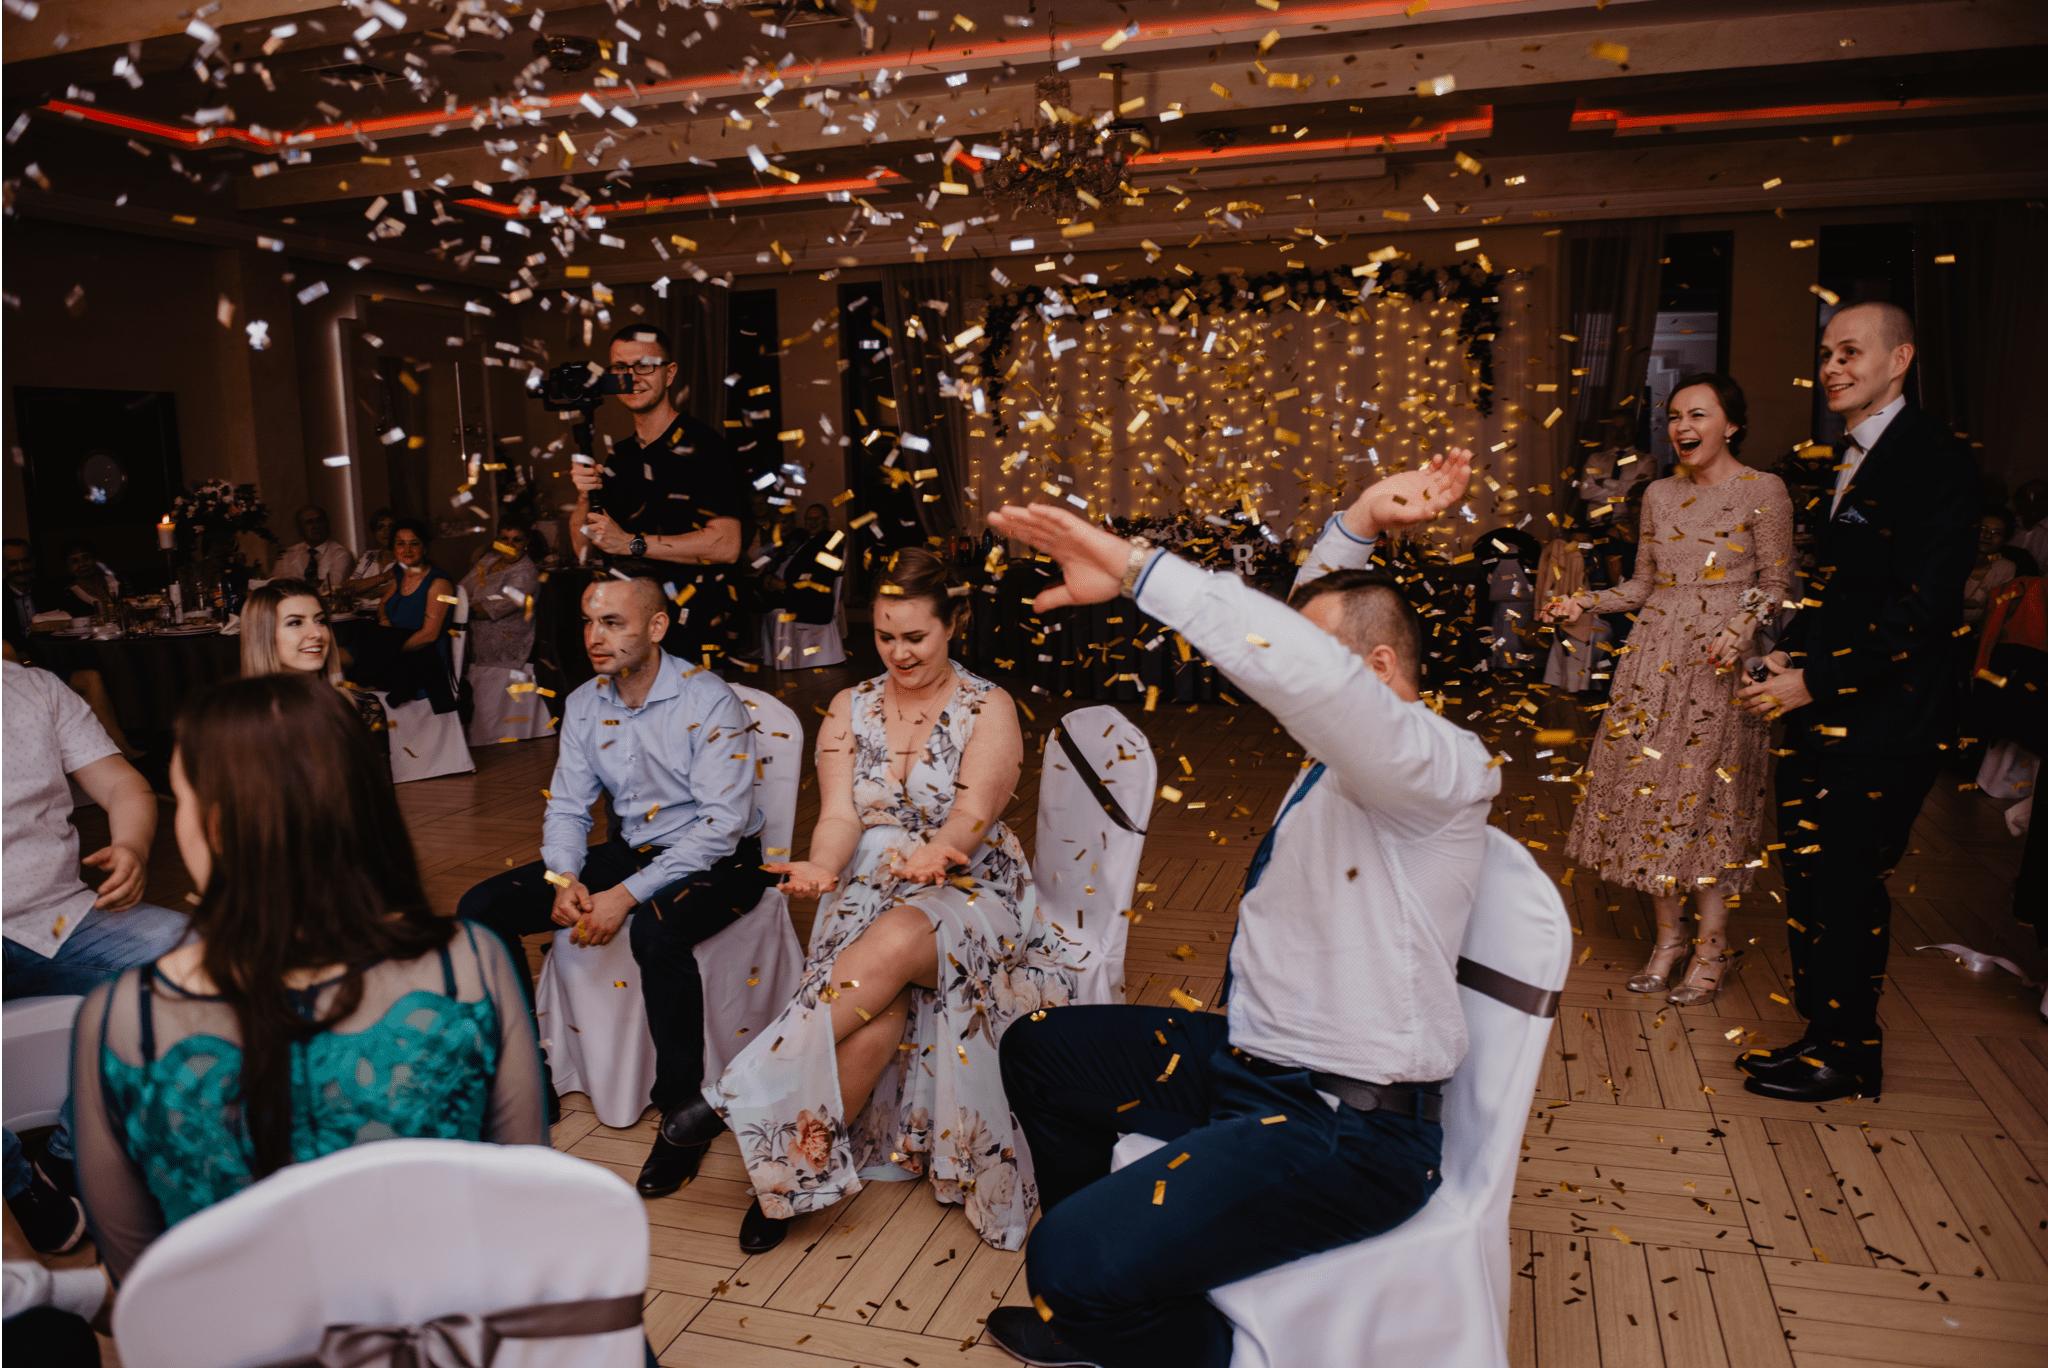 Tykająca bomba zabawa weselna - zdjęcie 1